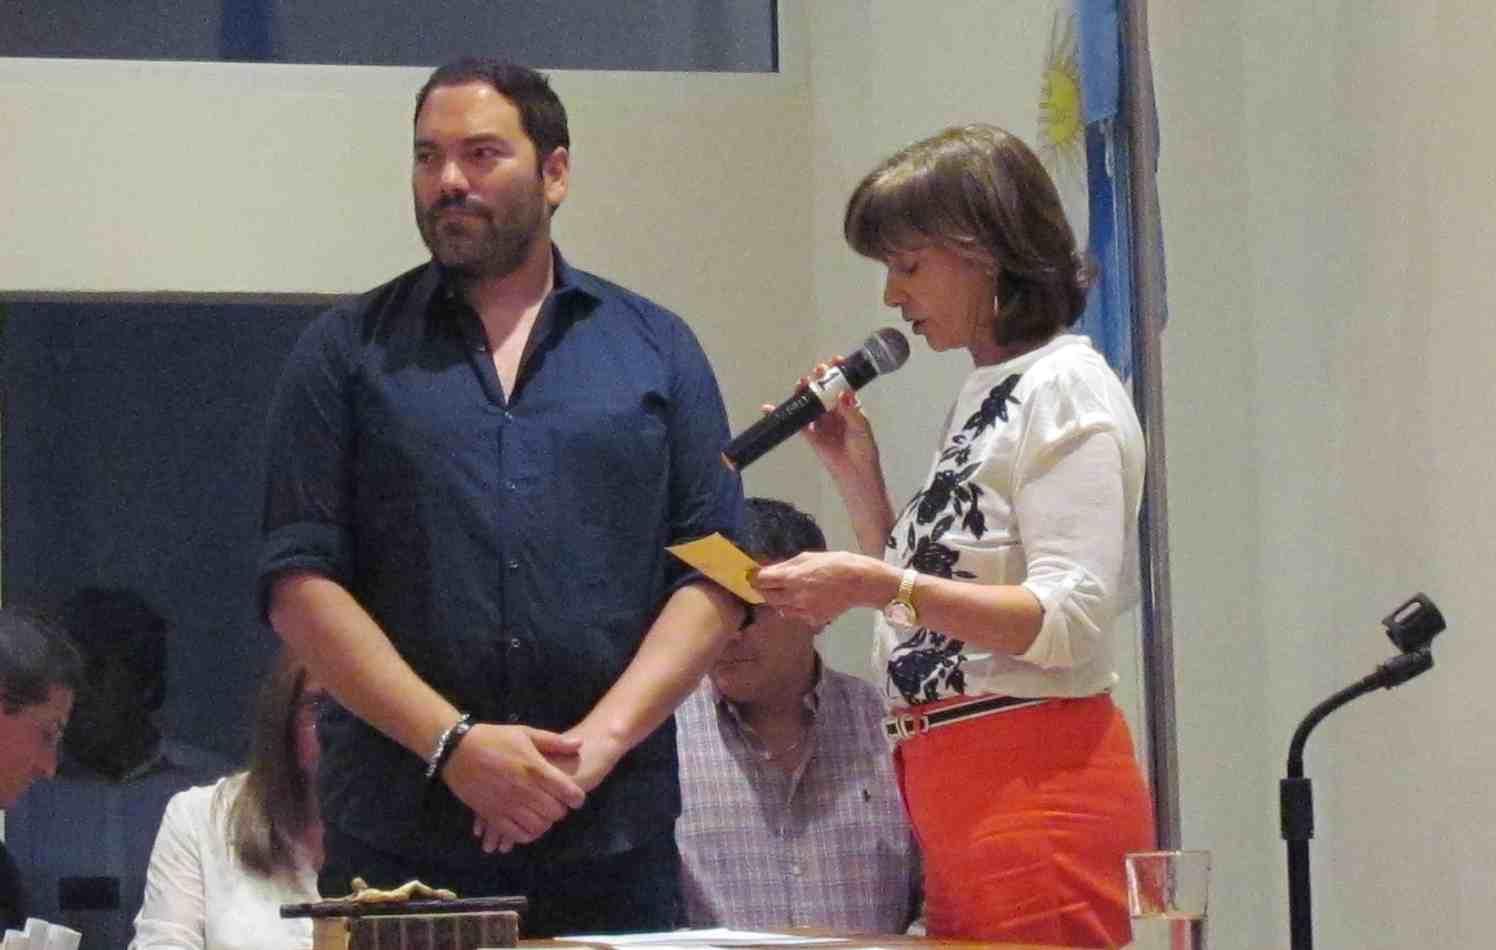 Juraron los nuevos concejales en San Fernando - Matias Molle